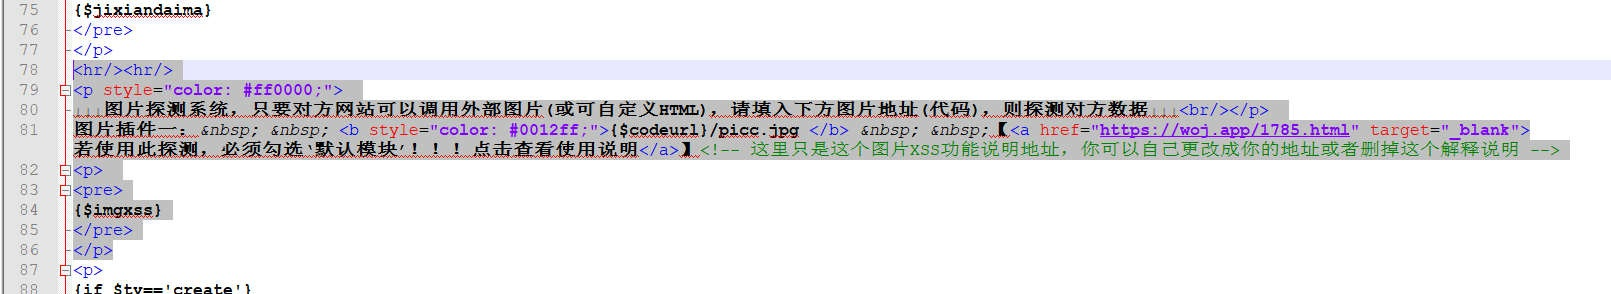 骚操作实现XSS平台图片探测功能